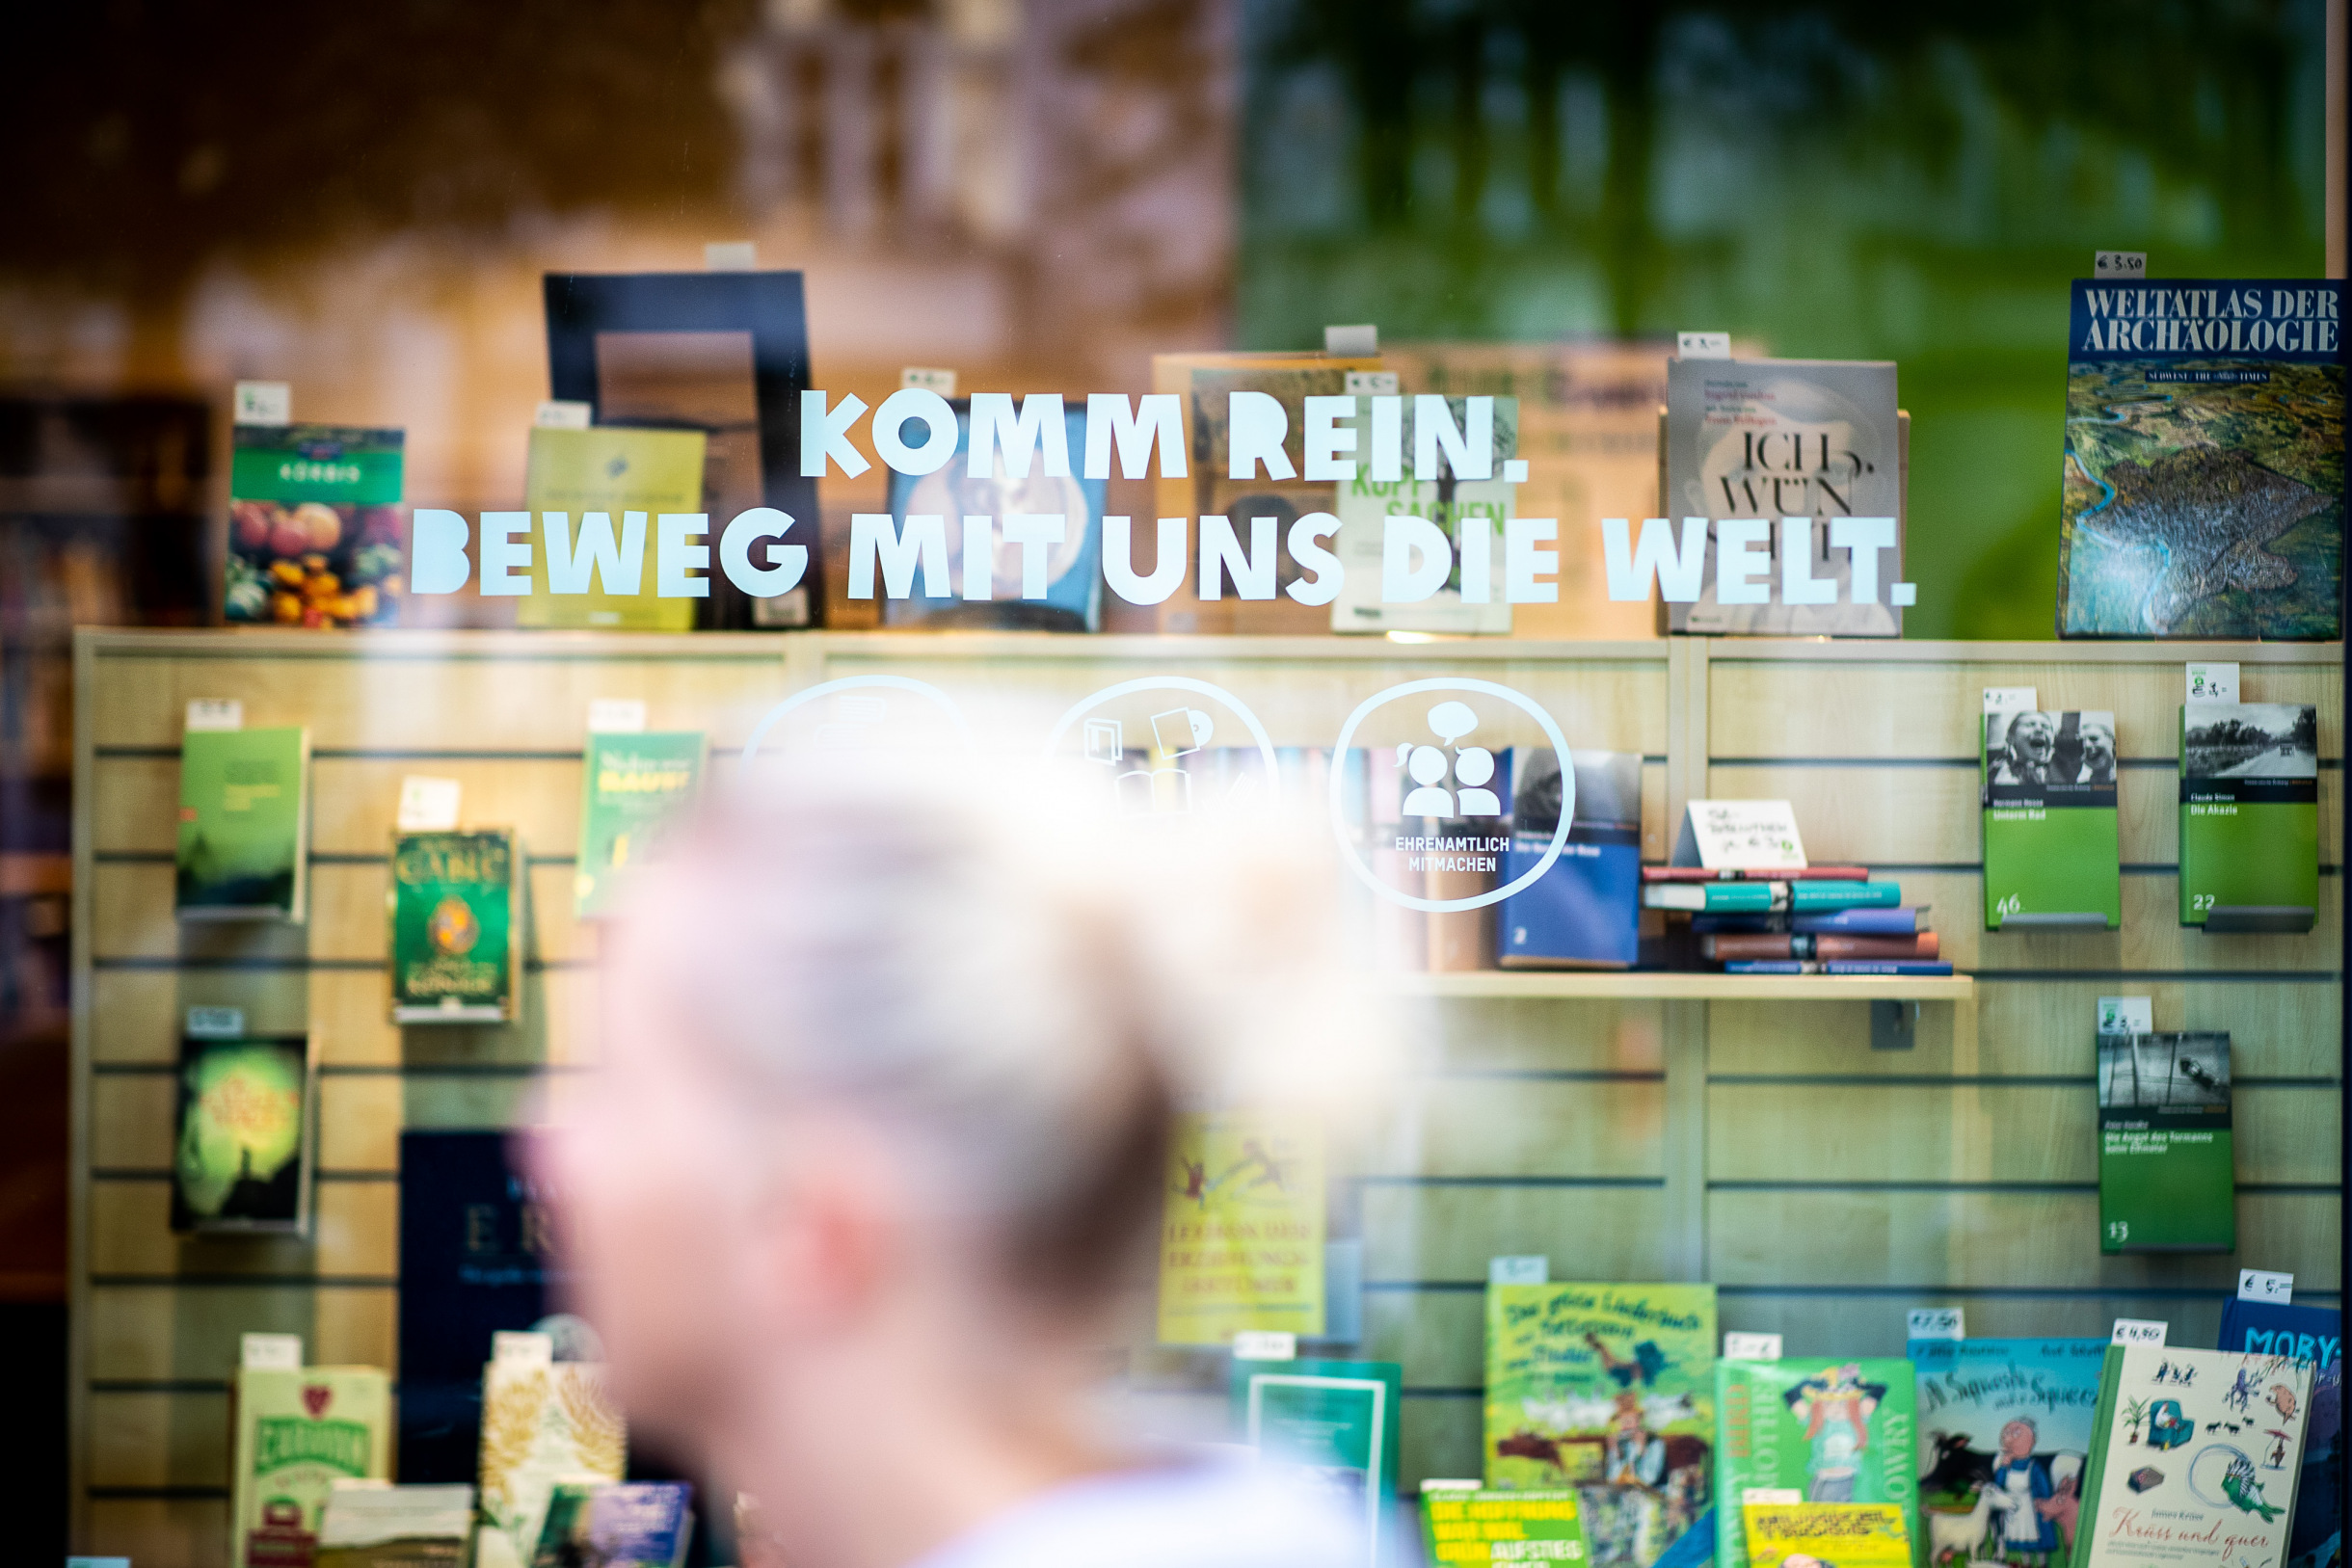 Oxfam Shop: Komm rein. Beweg mit uns die Welt.